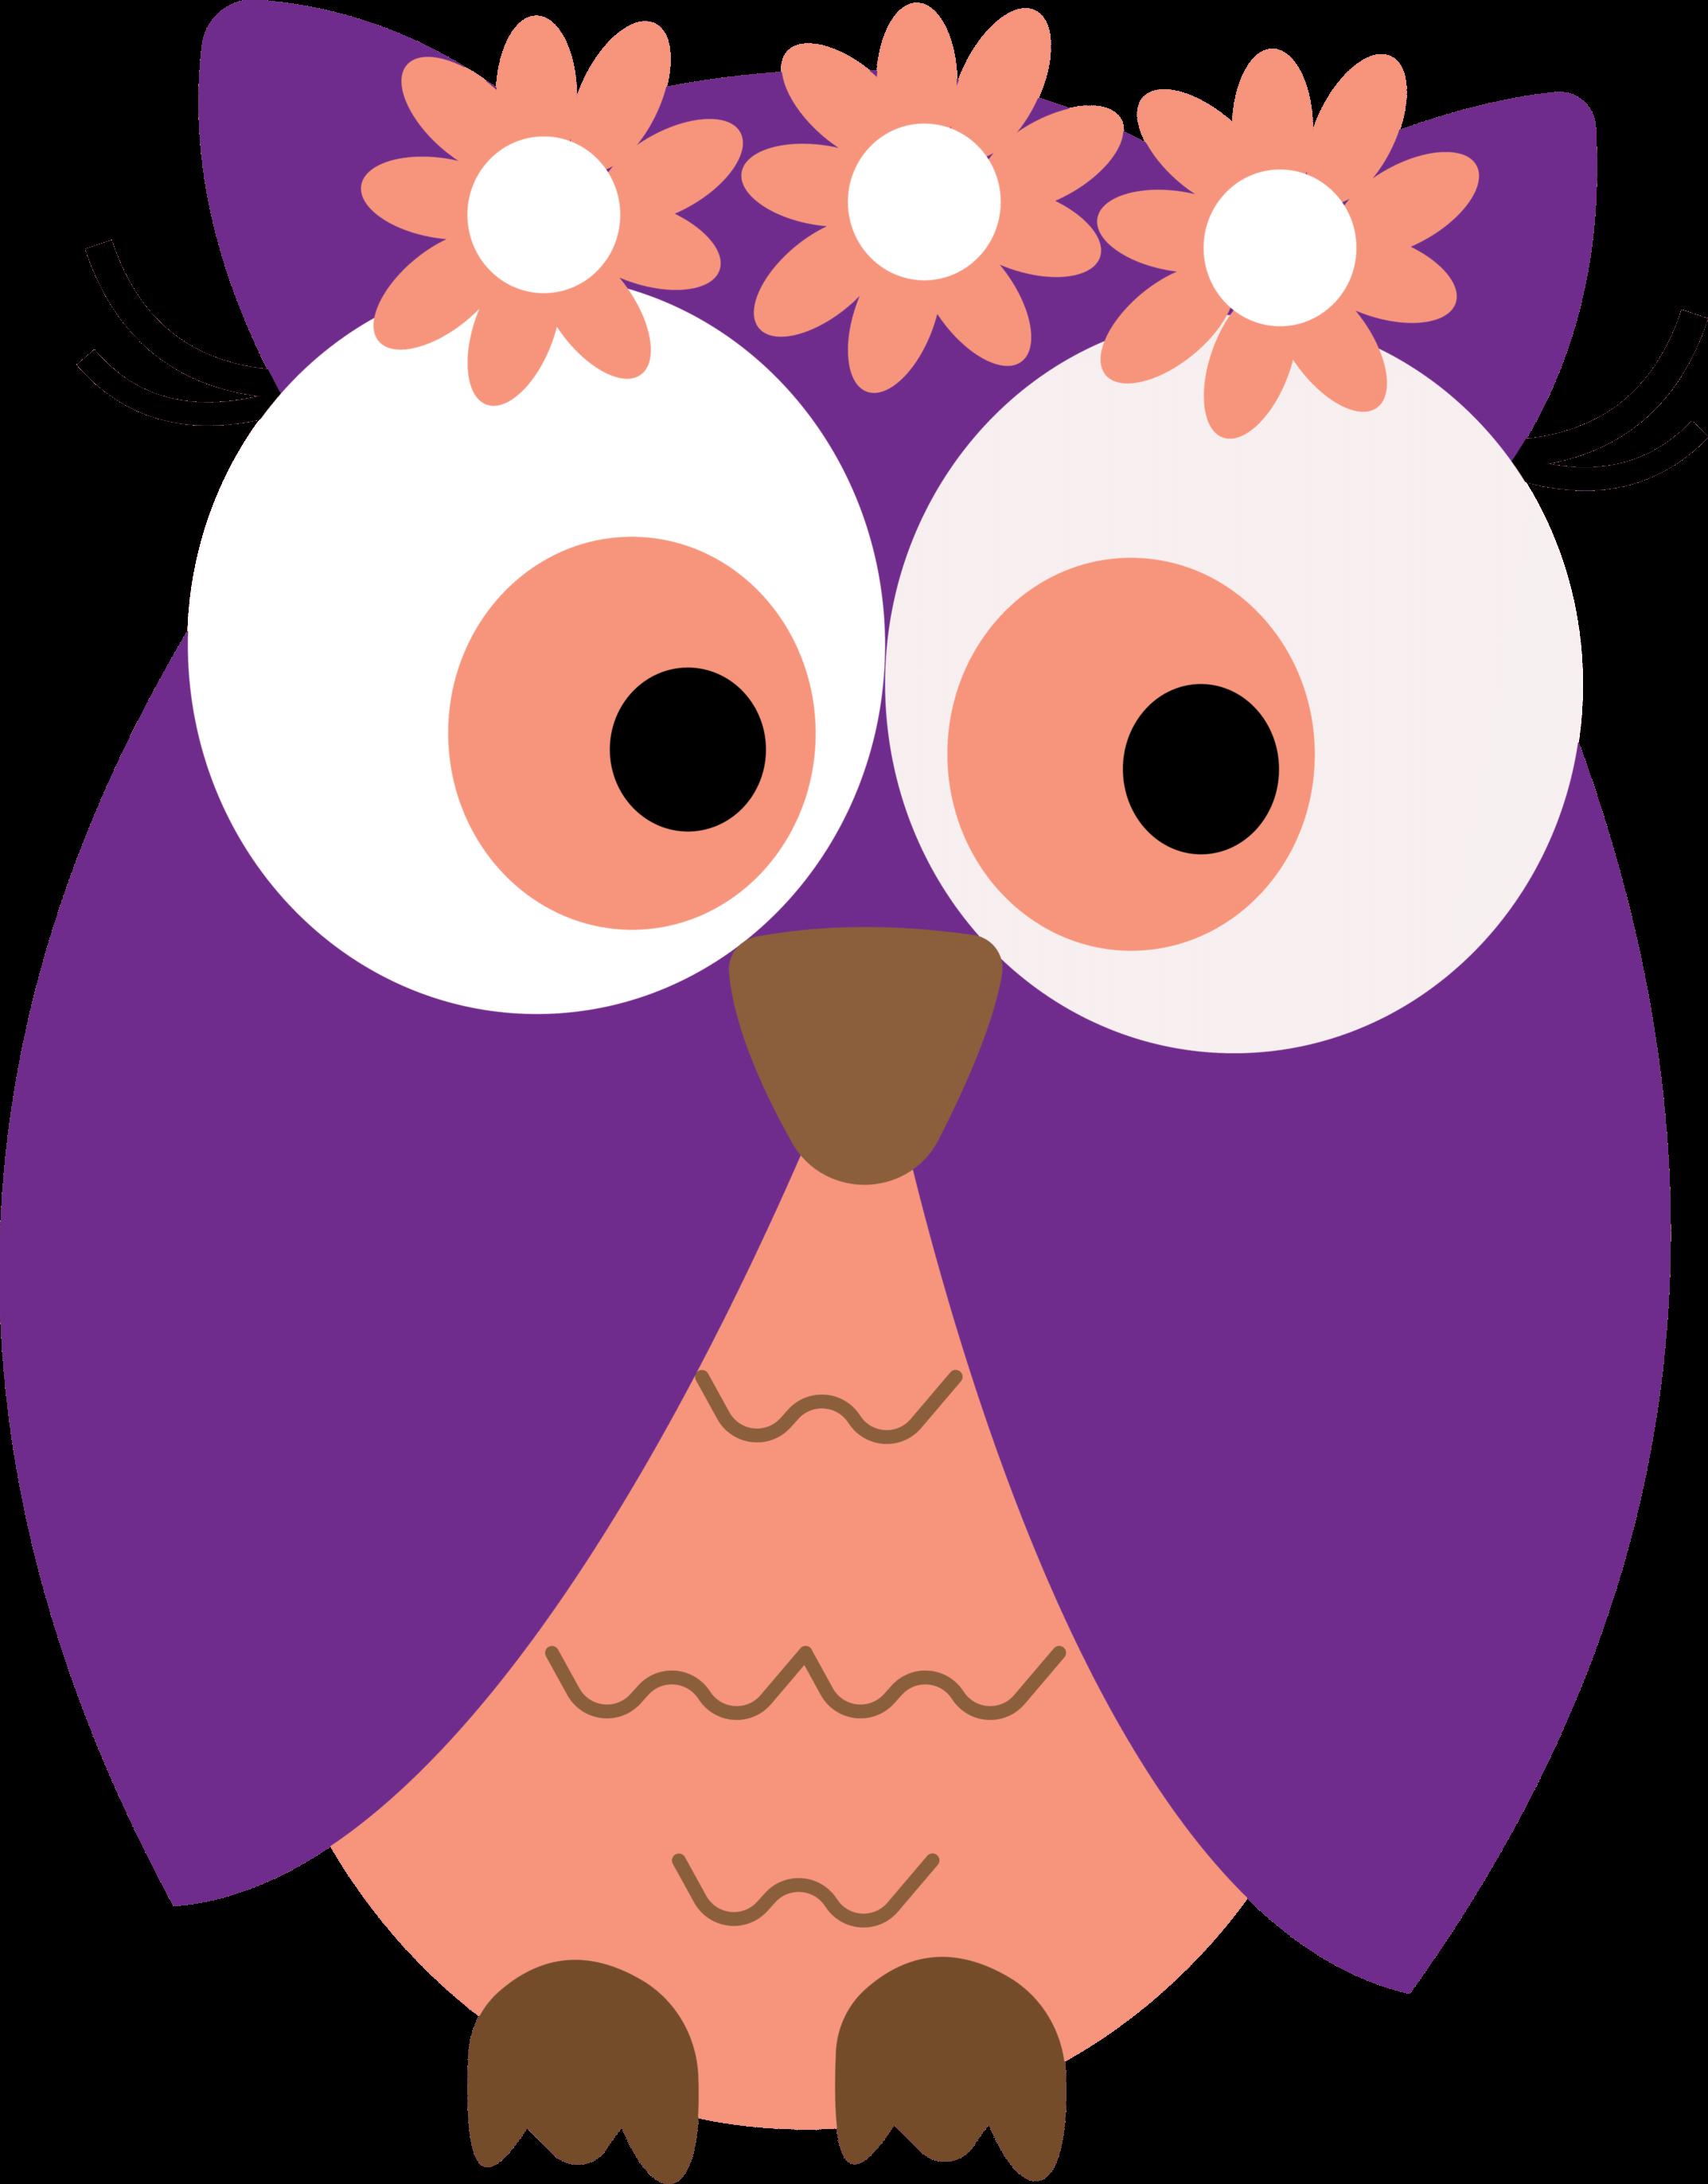 Owls on owl clip art and cartoon owls 4 clipartbarn